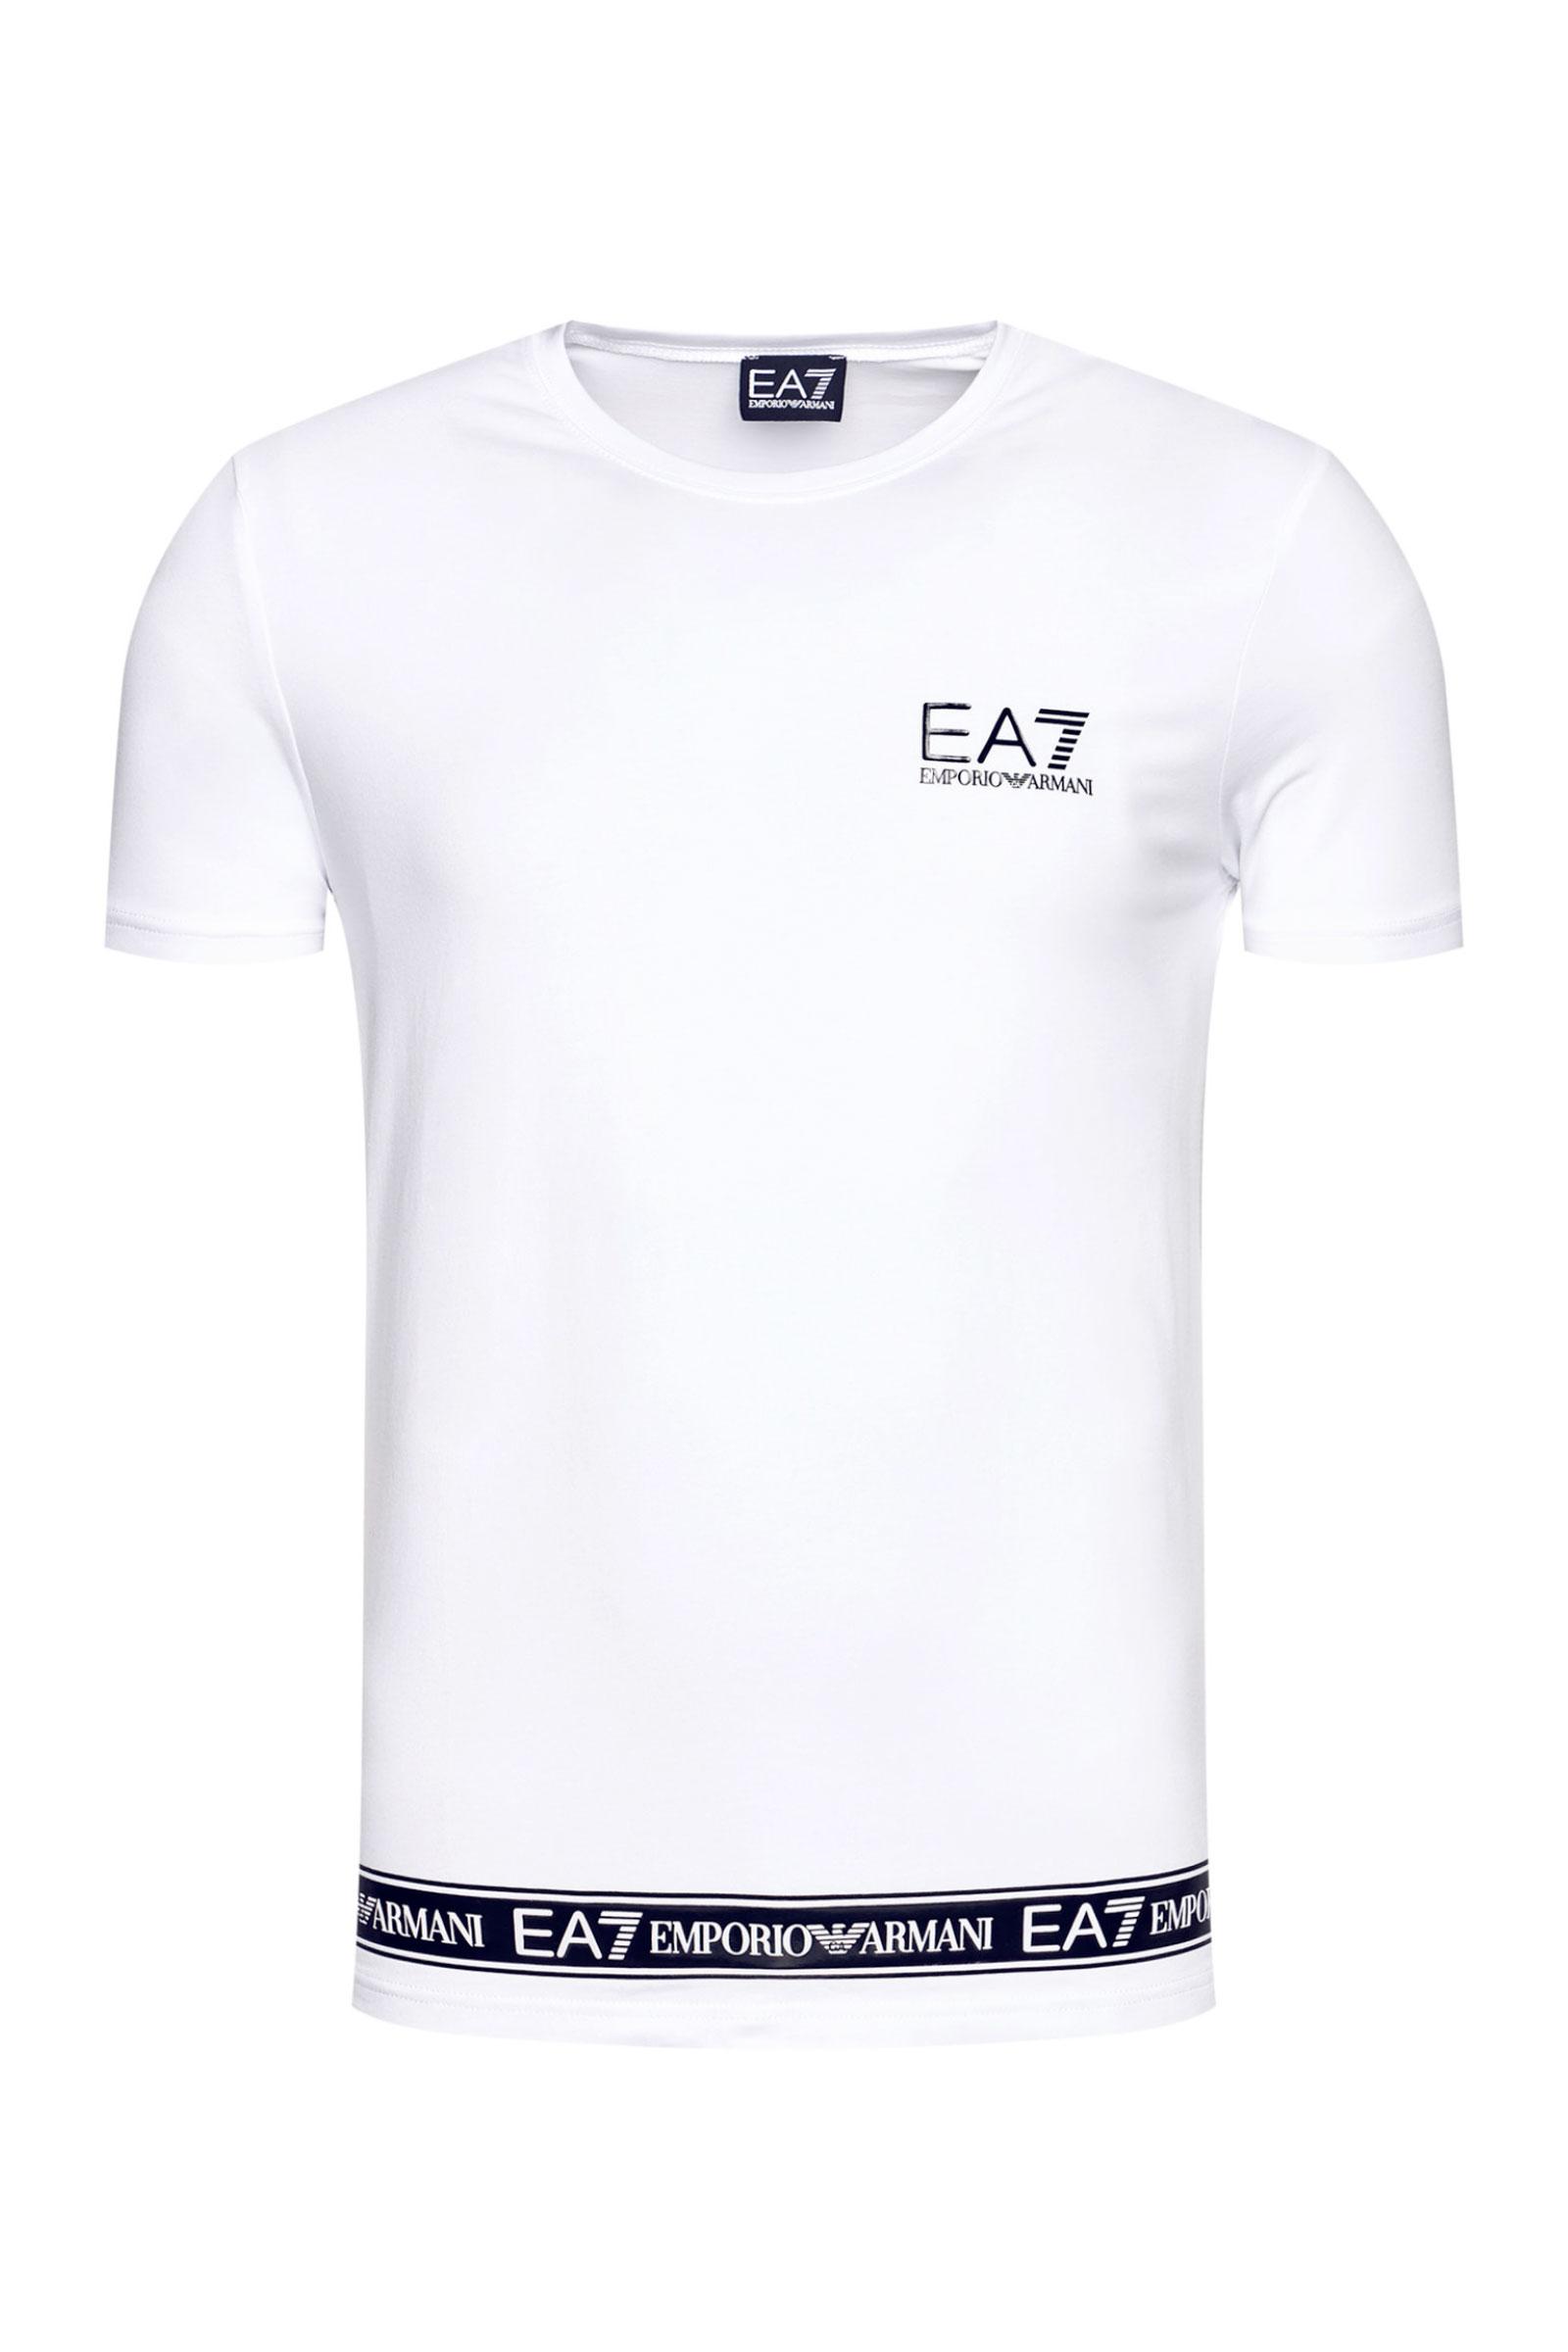 ARMANI EA7 Men's T-Shirt ARMANI EA7 | T-Shirt | 3KPT05 PJ03Z1100